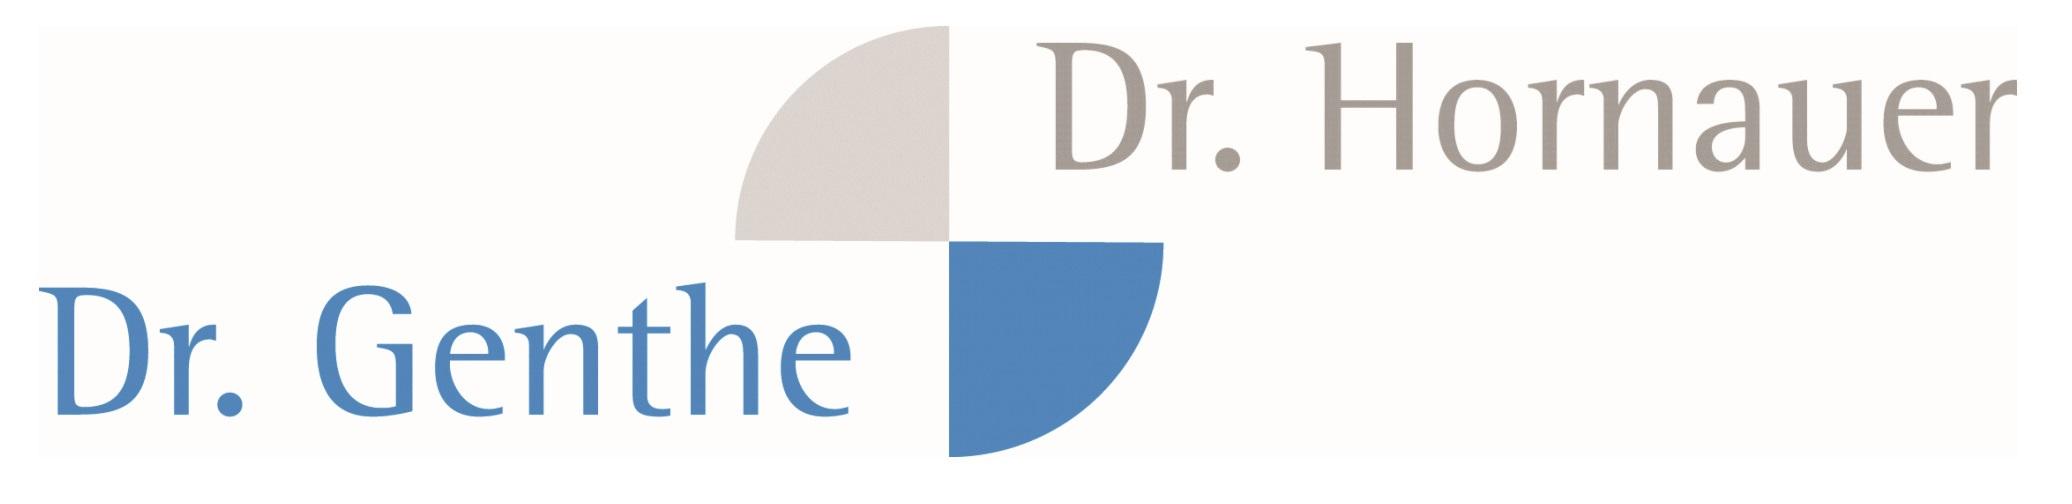 Dr. Genthe & Dr. Hornauer GbR Logo